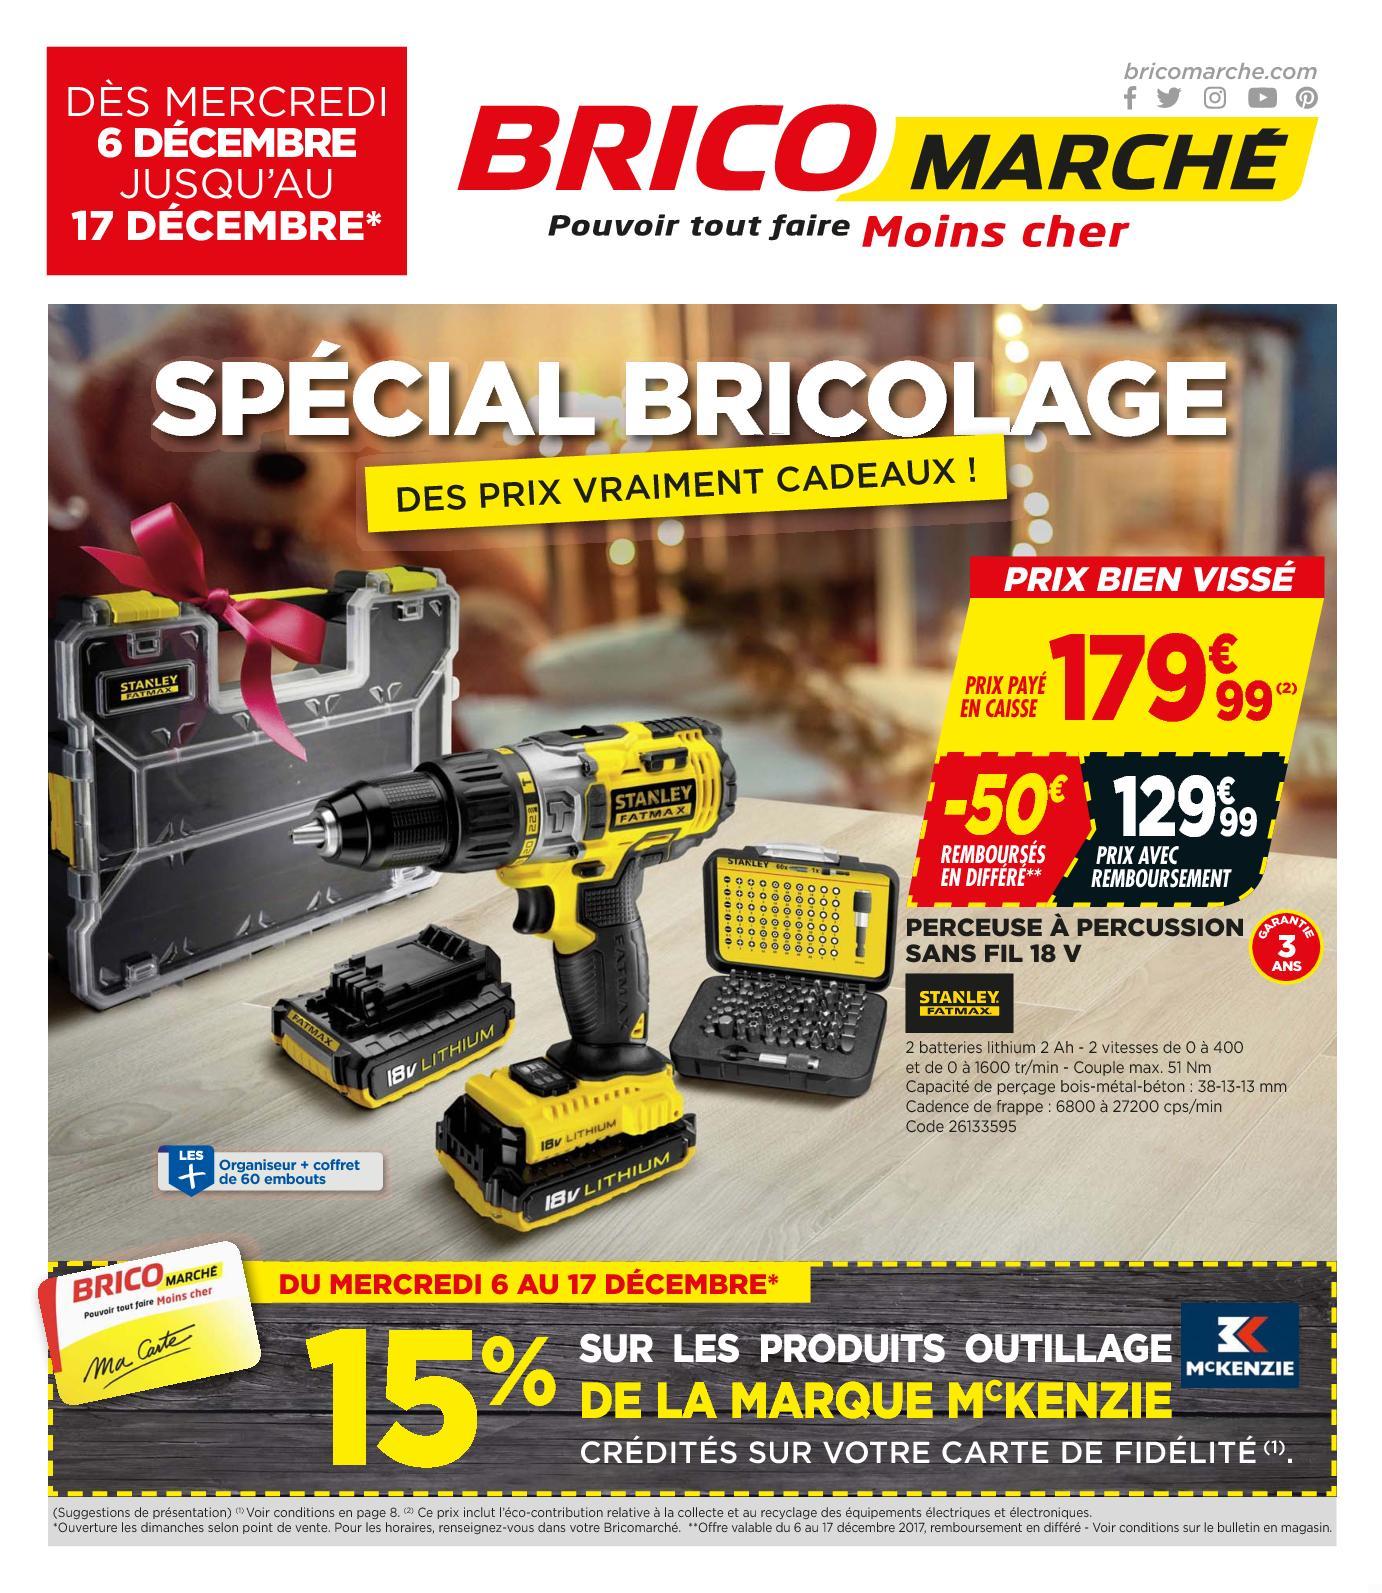 Camera Exterieur Bricomarche   Pompe Piscine Bricomarche